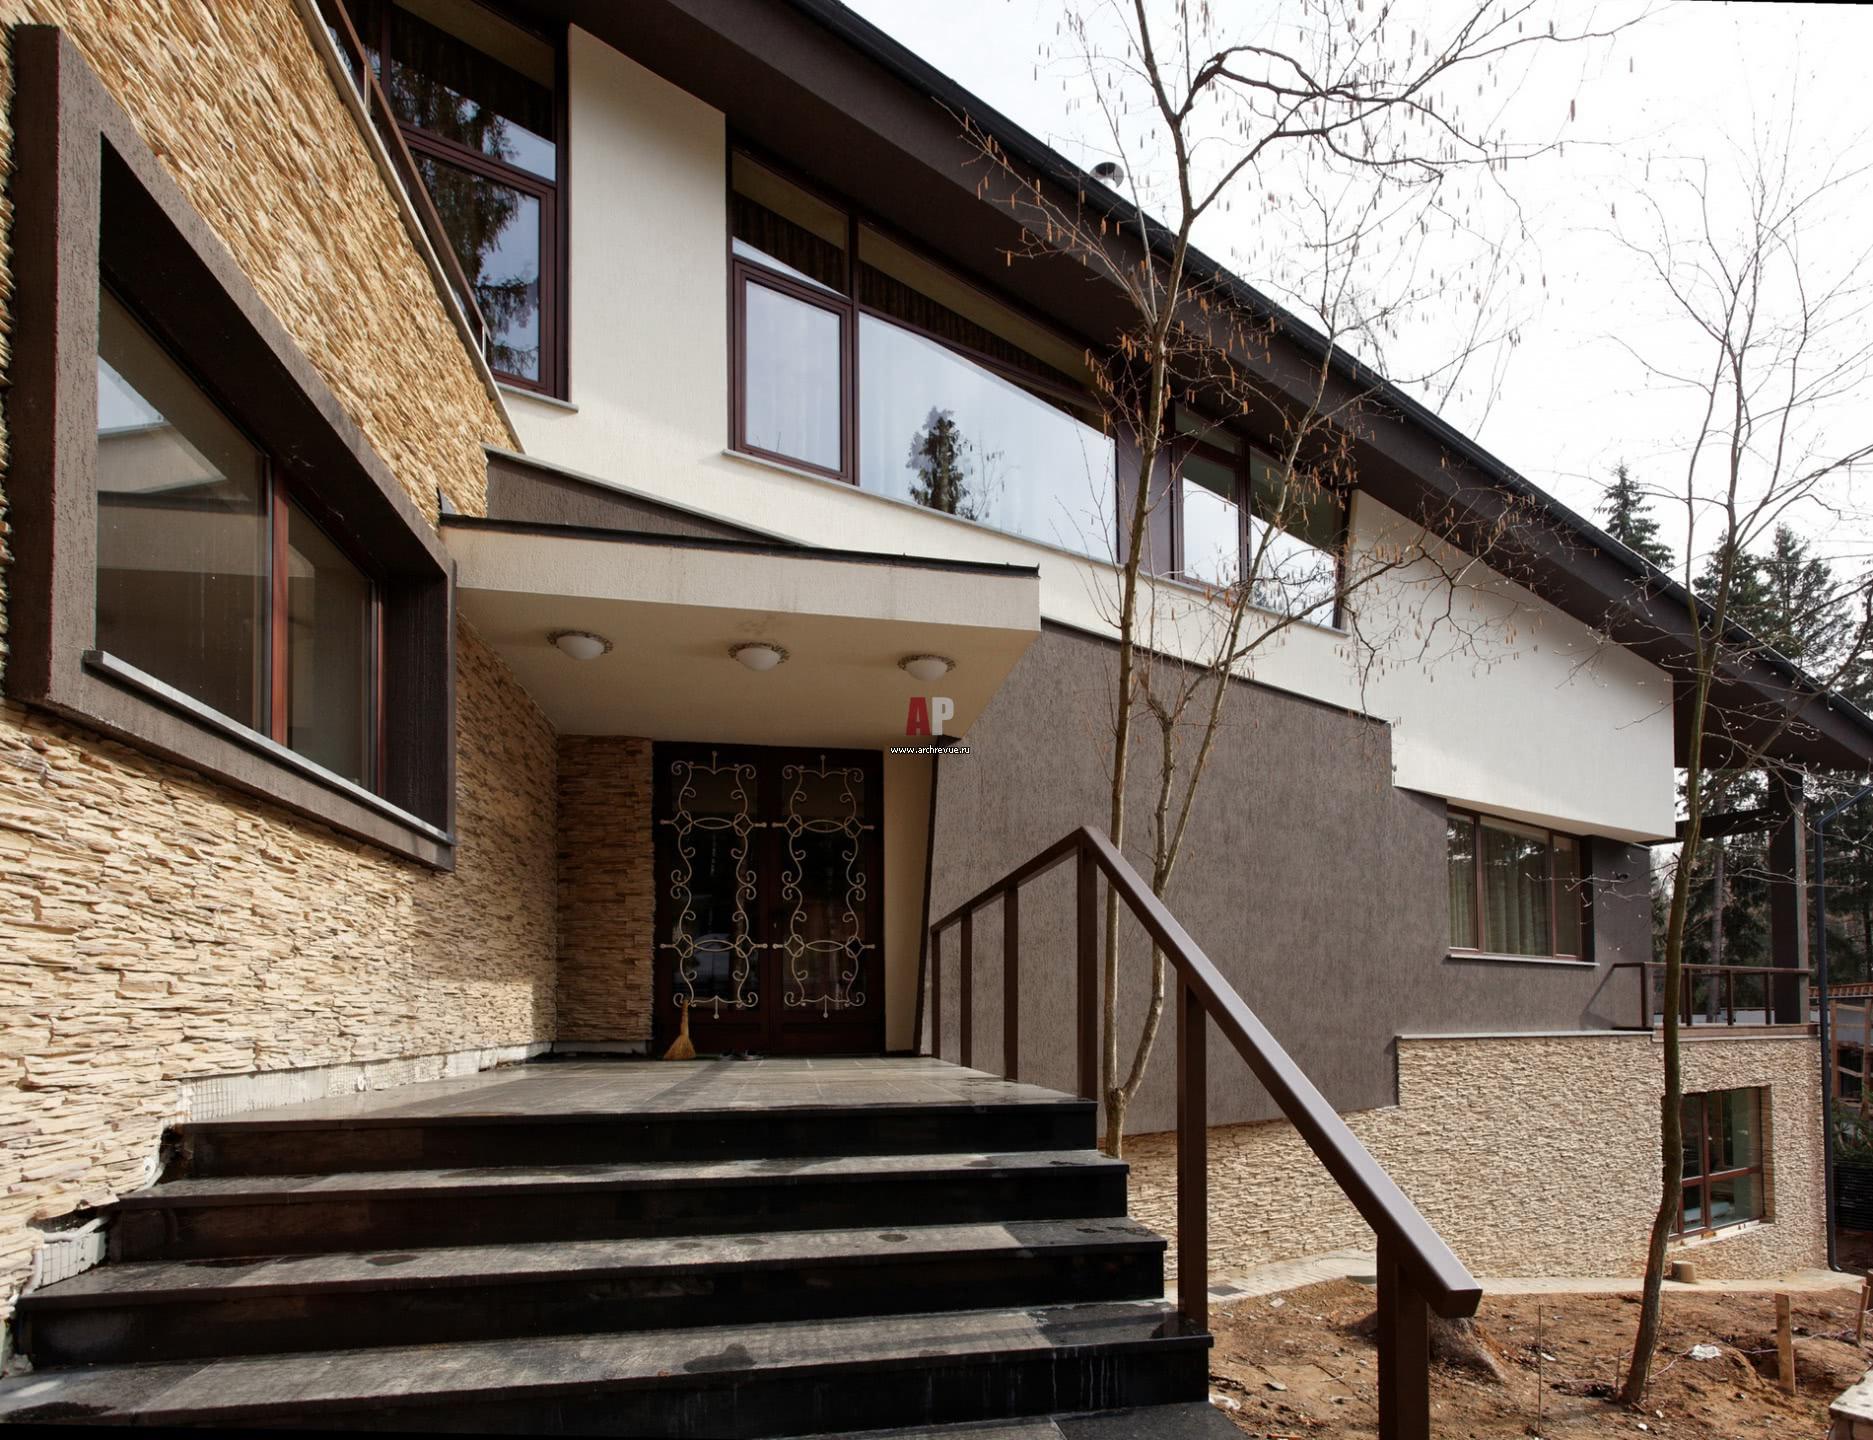 Фасад дома как часть ландшафтного дизайна